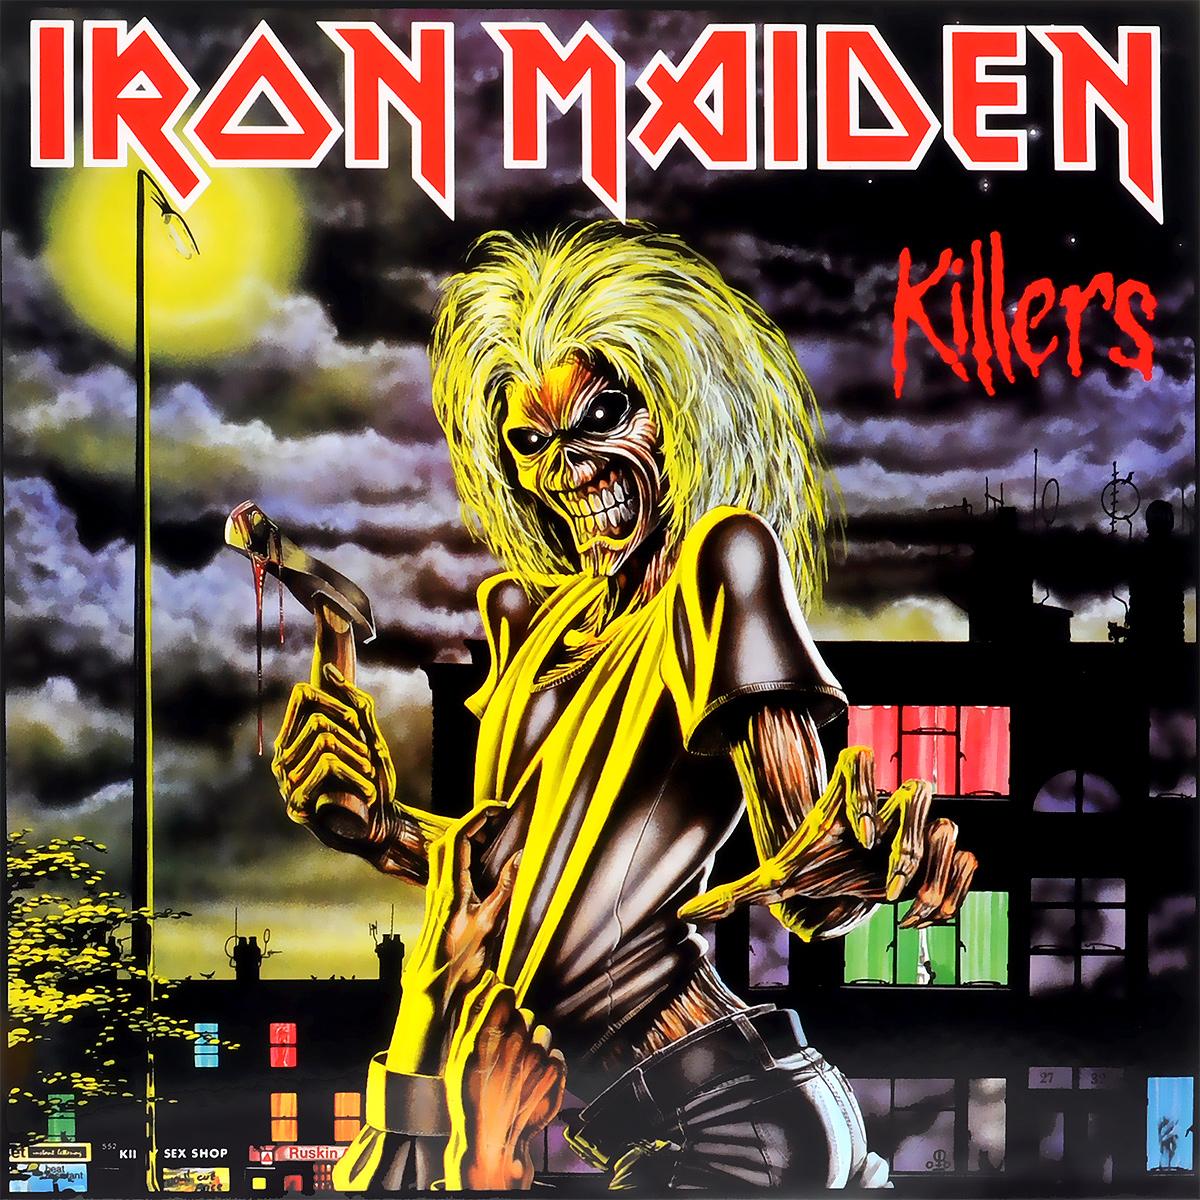 Iron maiden все рисунки